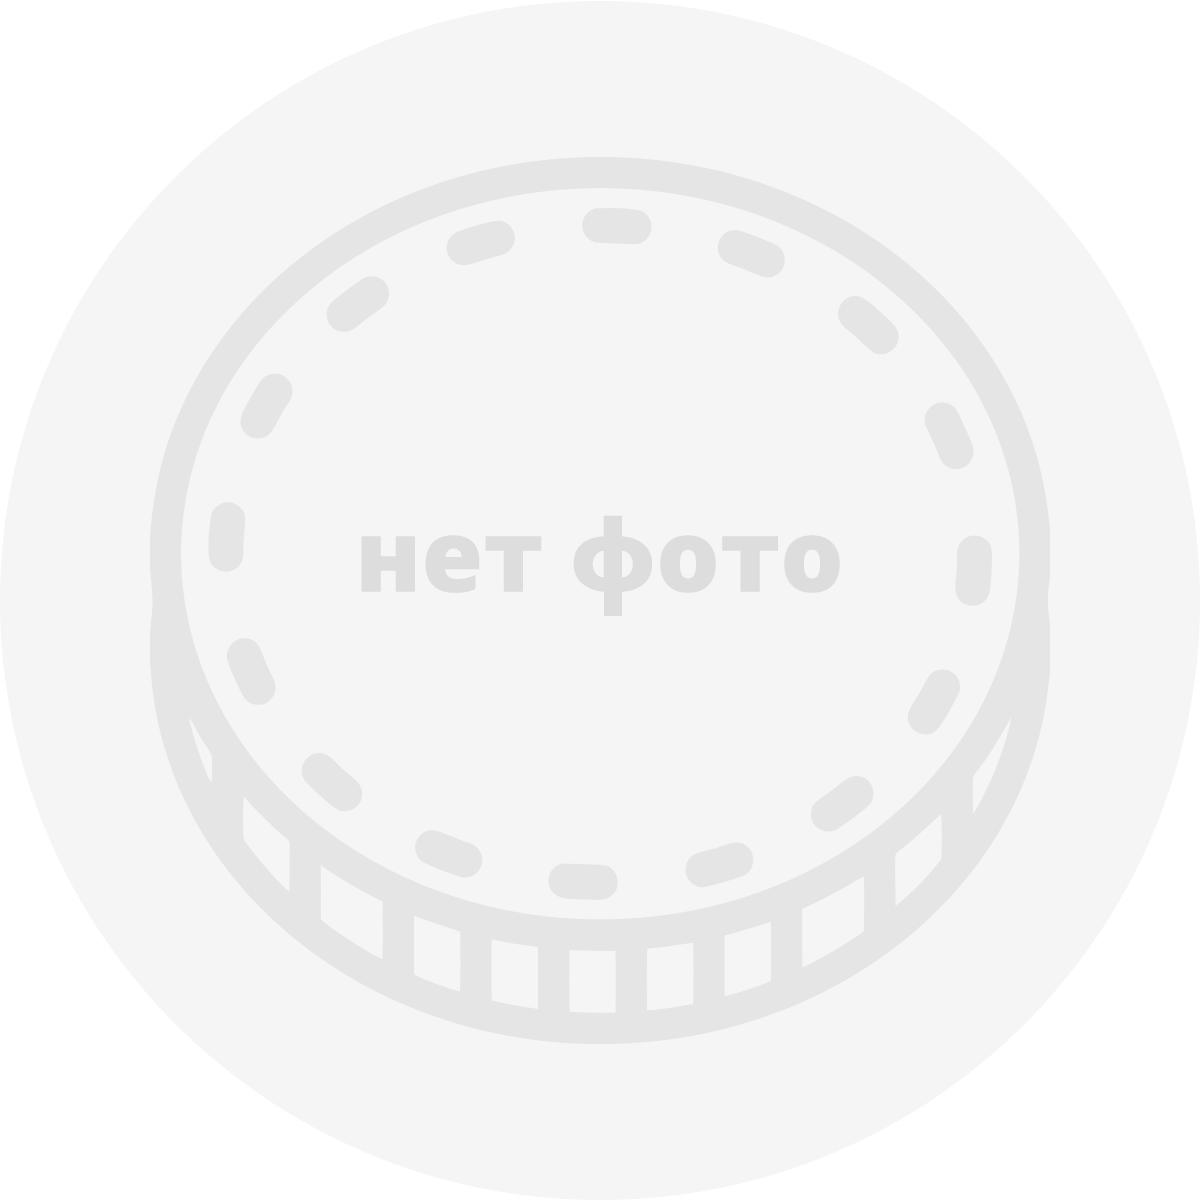 Немецкие Антарктические Территории, 2 марки (2014 г.)